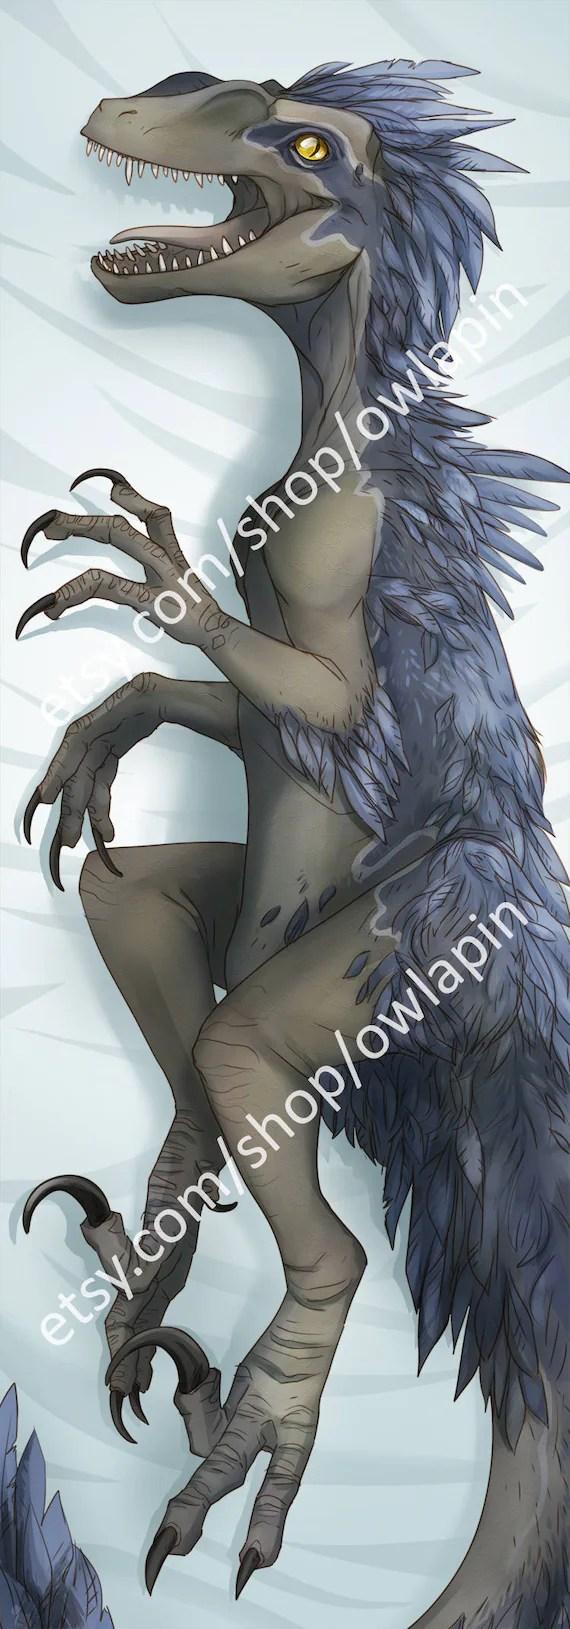 raptor jurassic park dinosaur body pillow case